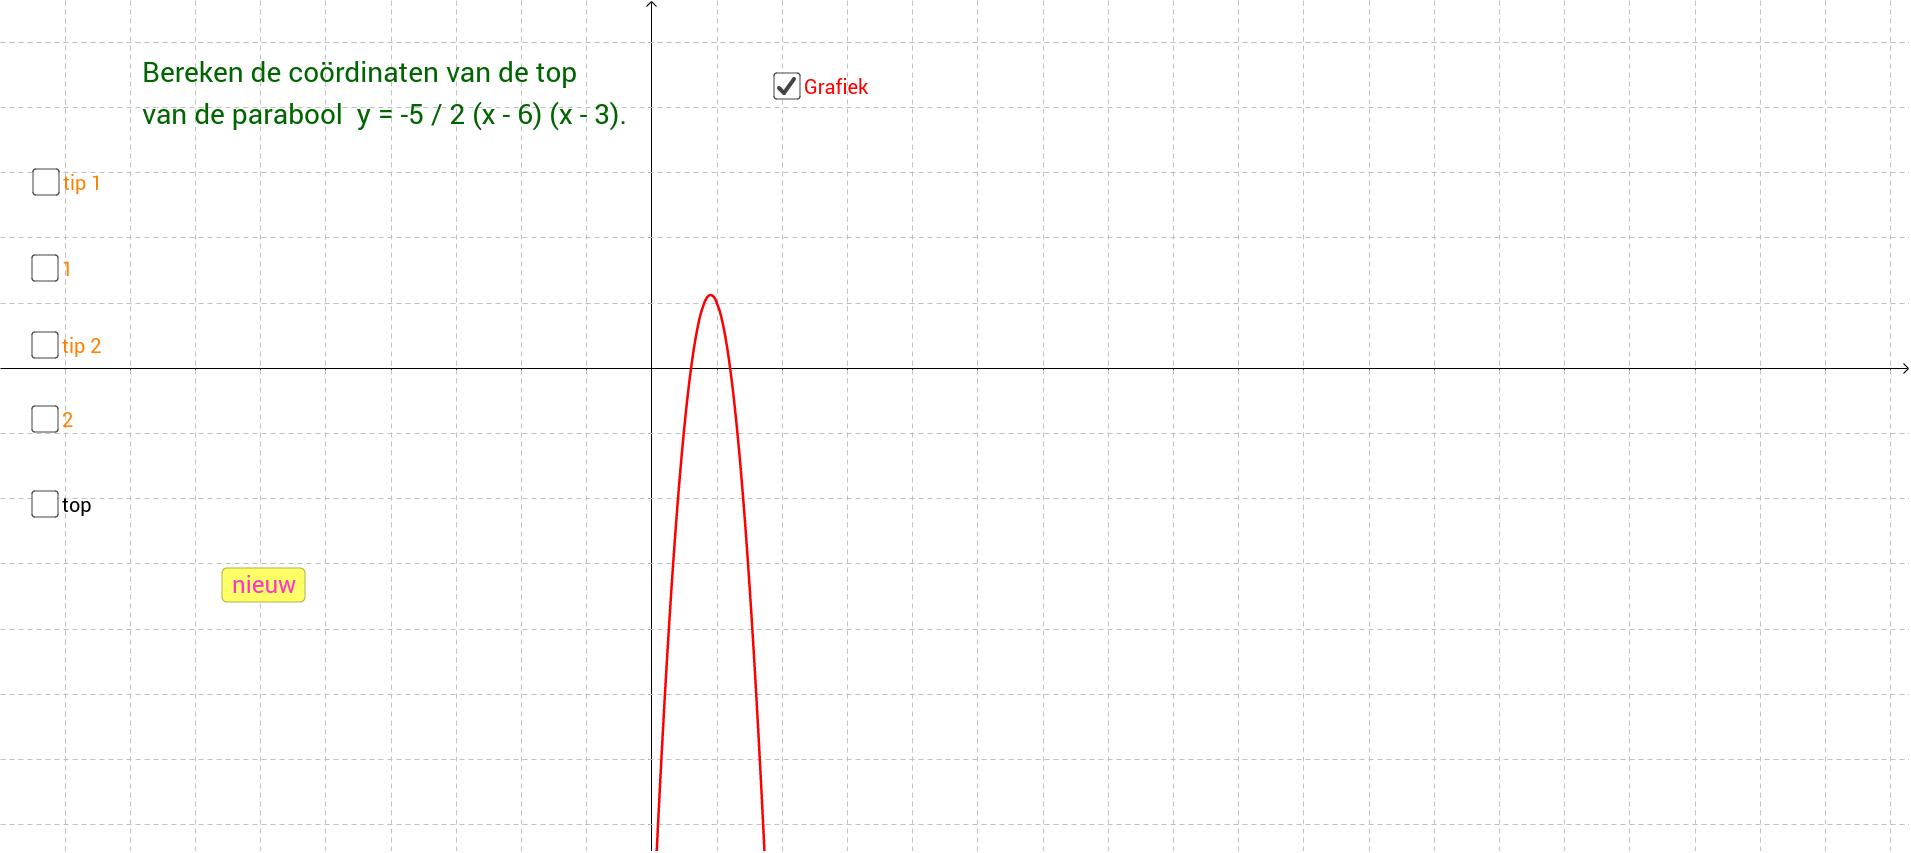 Bepalen van de top van een parabool m.b.v. a en b